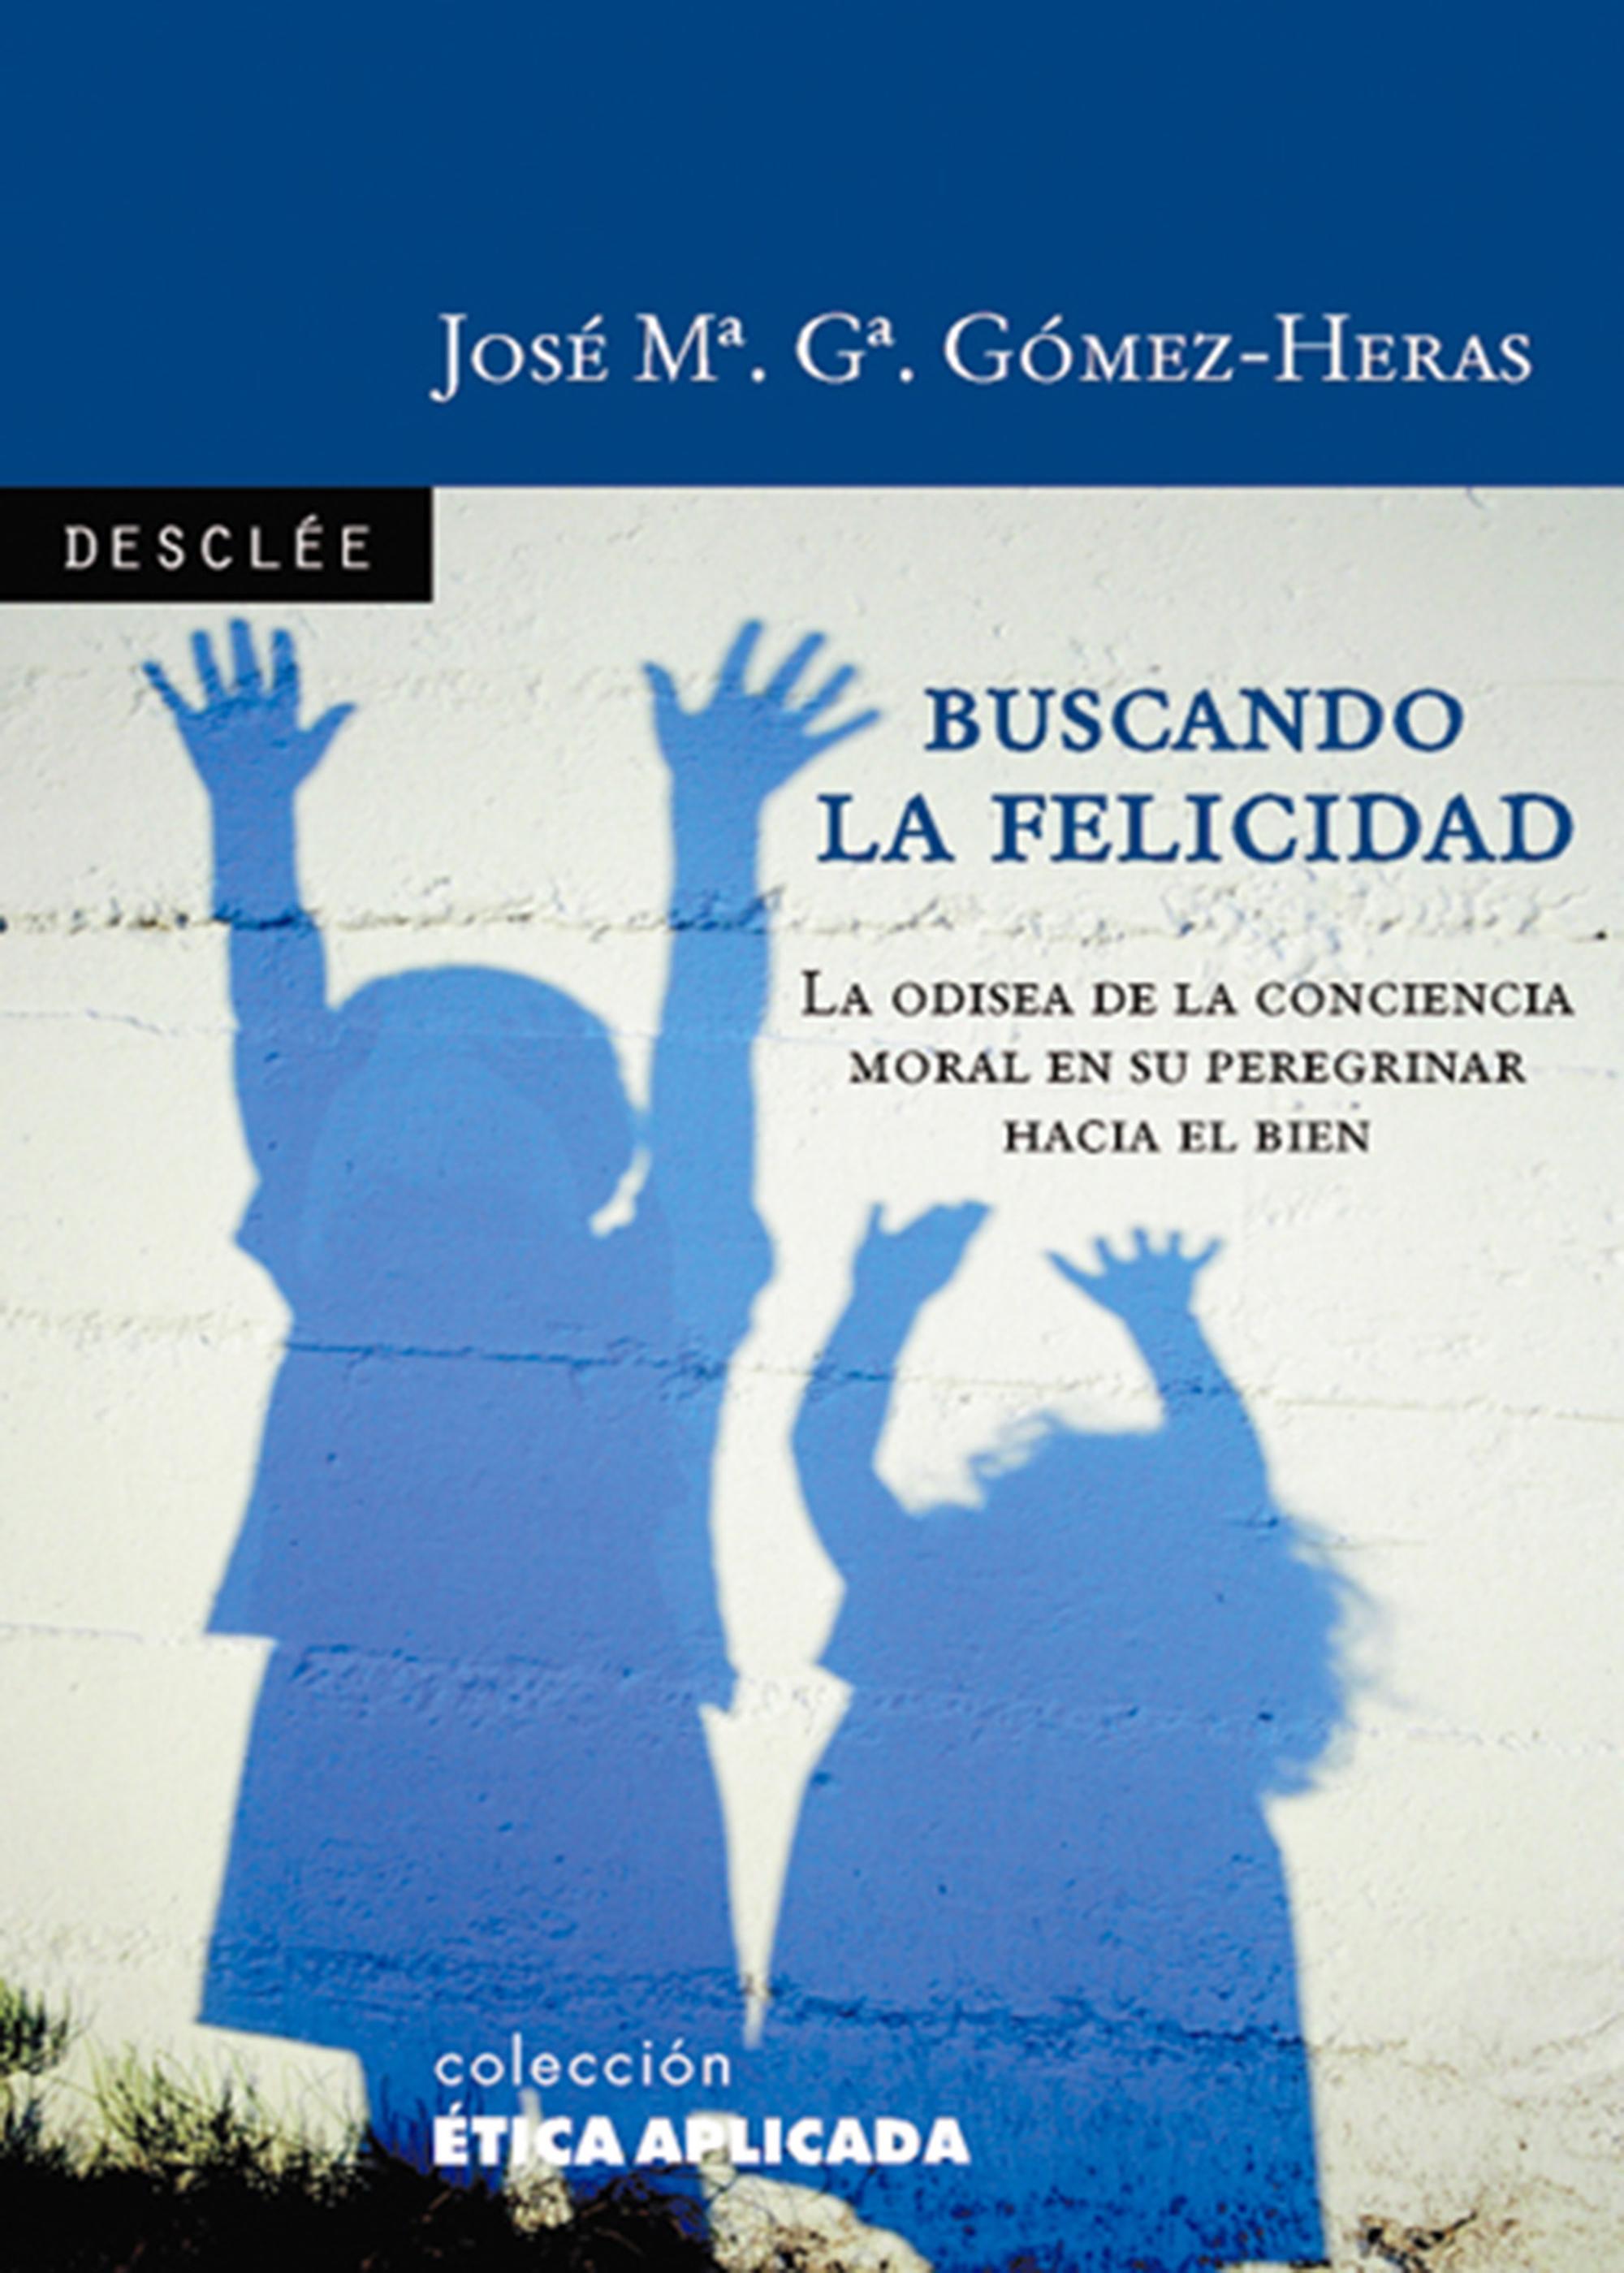 BUSCANDO LA FELICIDAD : LA ODISEA DE LA CONCIENCIA MORAL EN SU PEREGRINAR HACIA EL BIEN